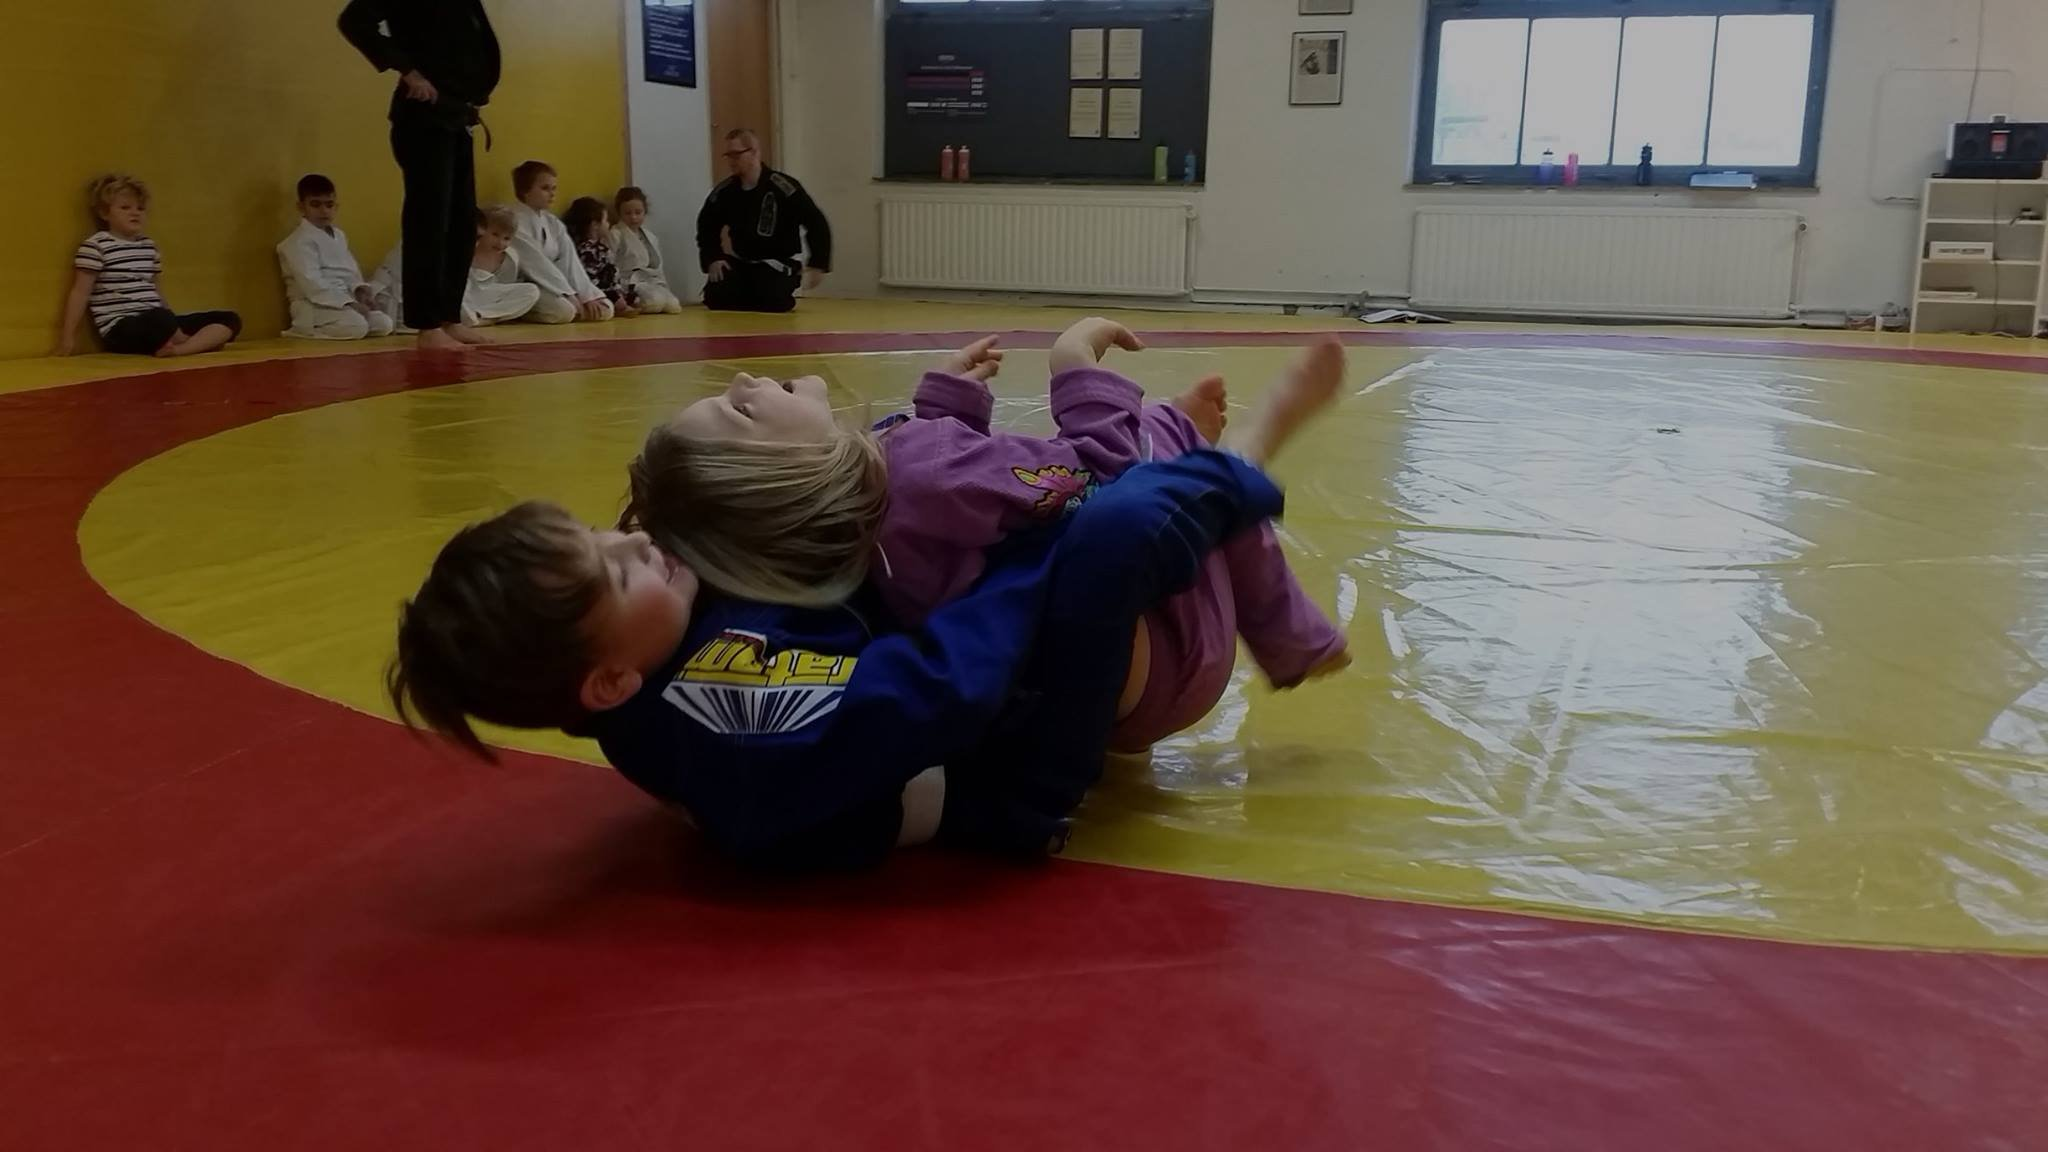 Brasiliansk Jiu-jitsu för barn & ungdomar i Norrköping – SBG Norrköping